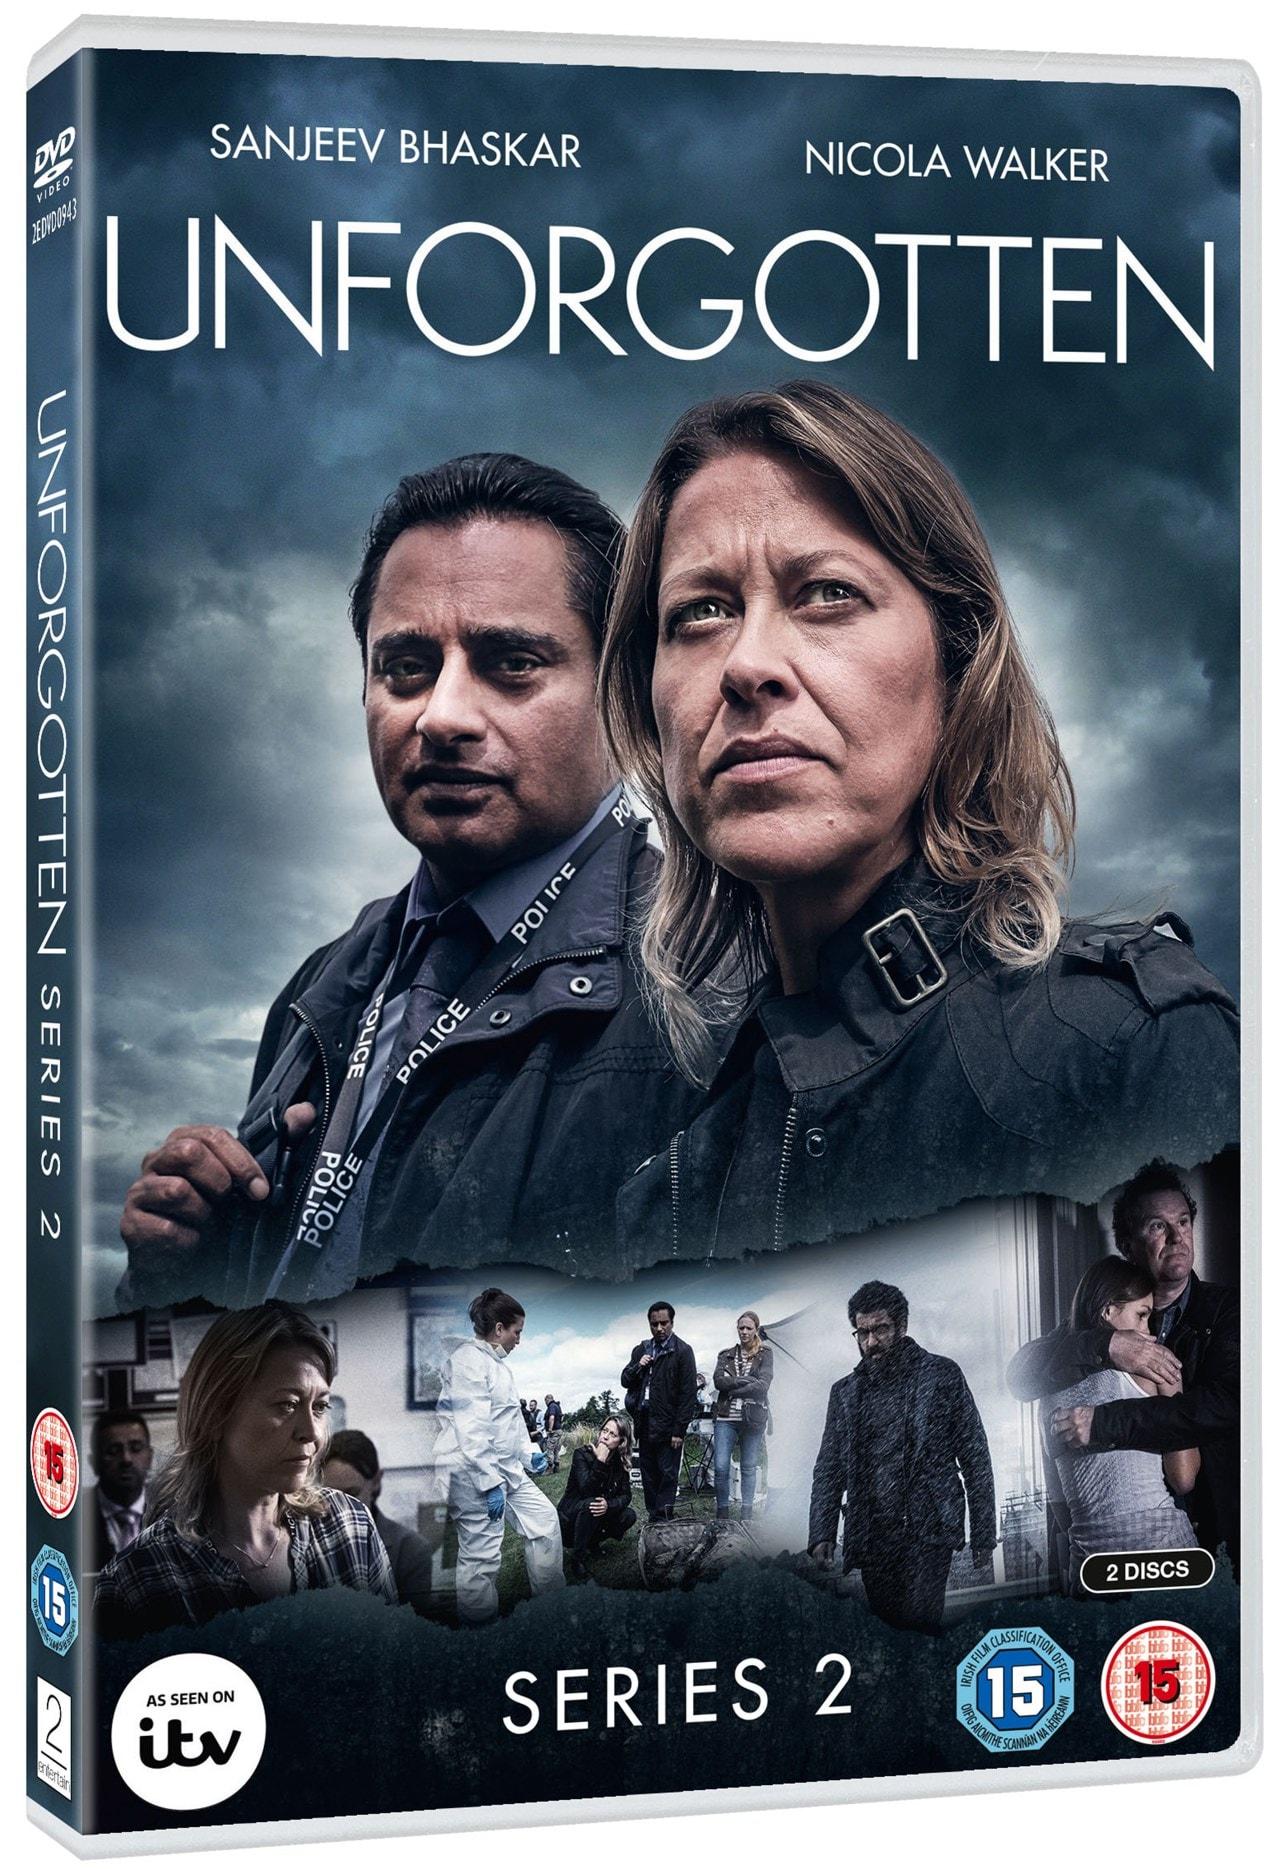 Unforgotten: Series 2 - 2